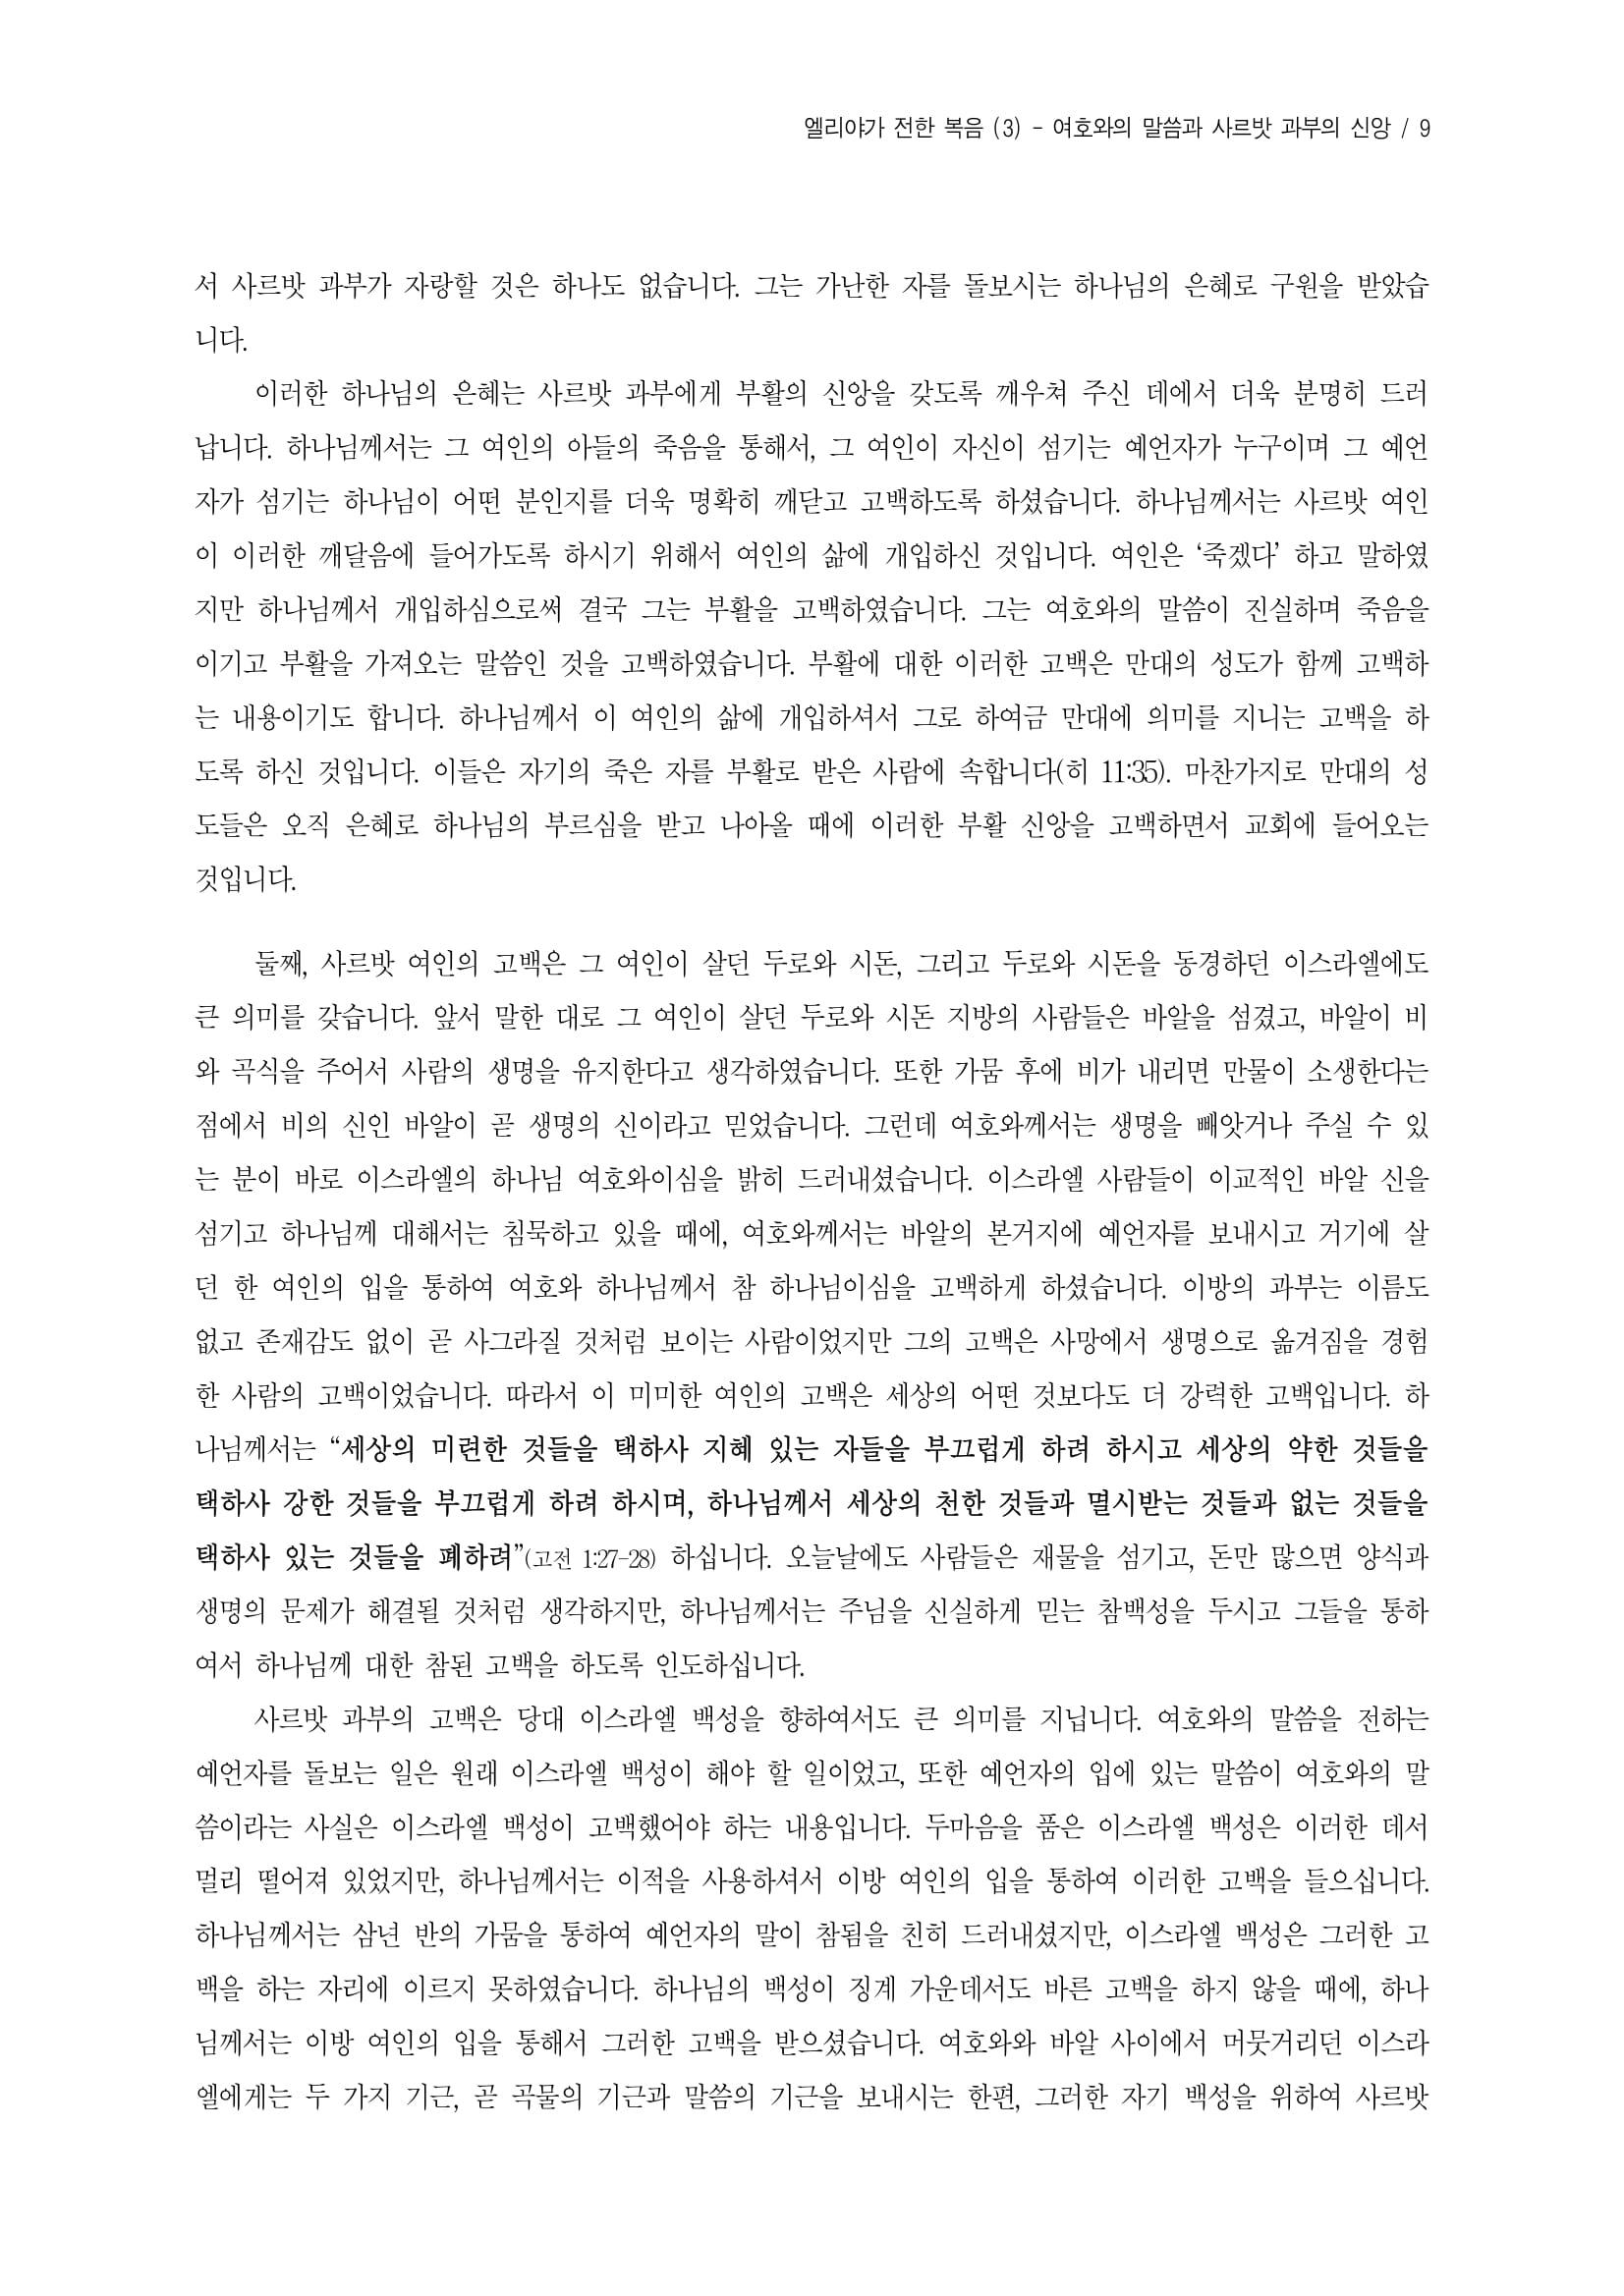 엘리야(3)-여호와의 말씀과 사르밧과부의 신앙_왕상17장-08.jpg